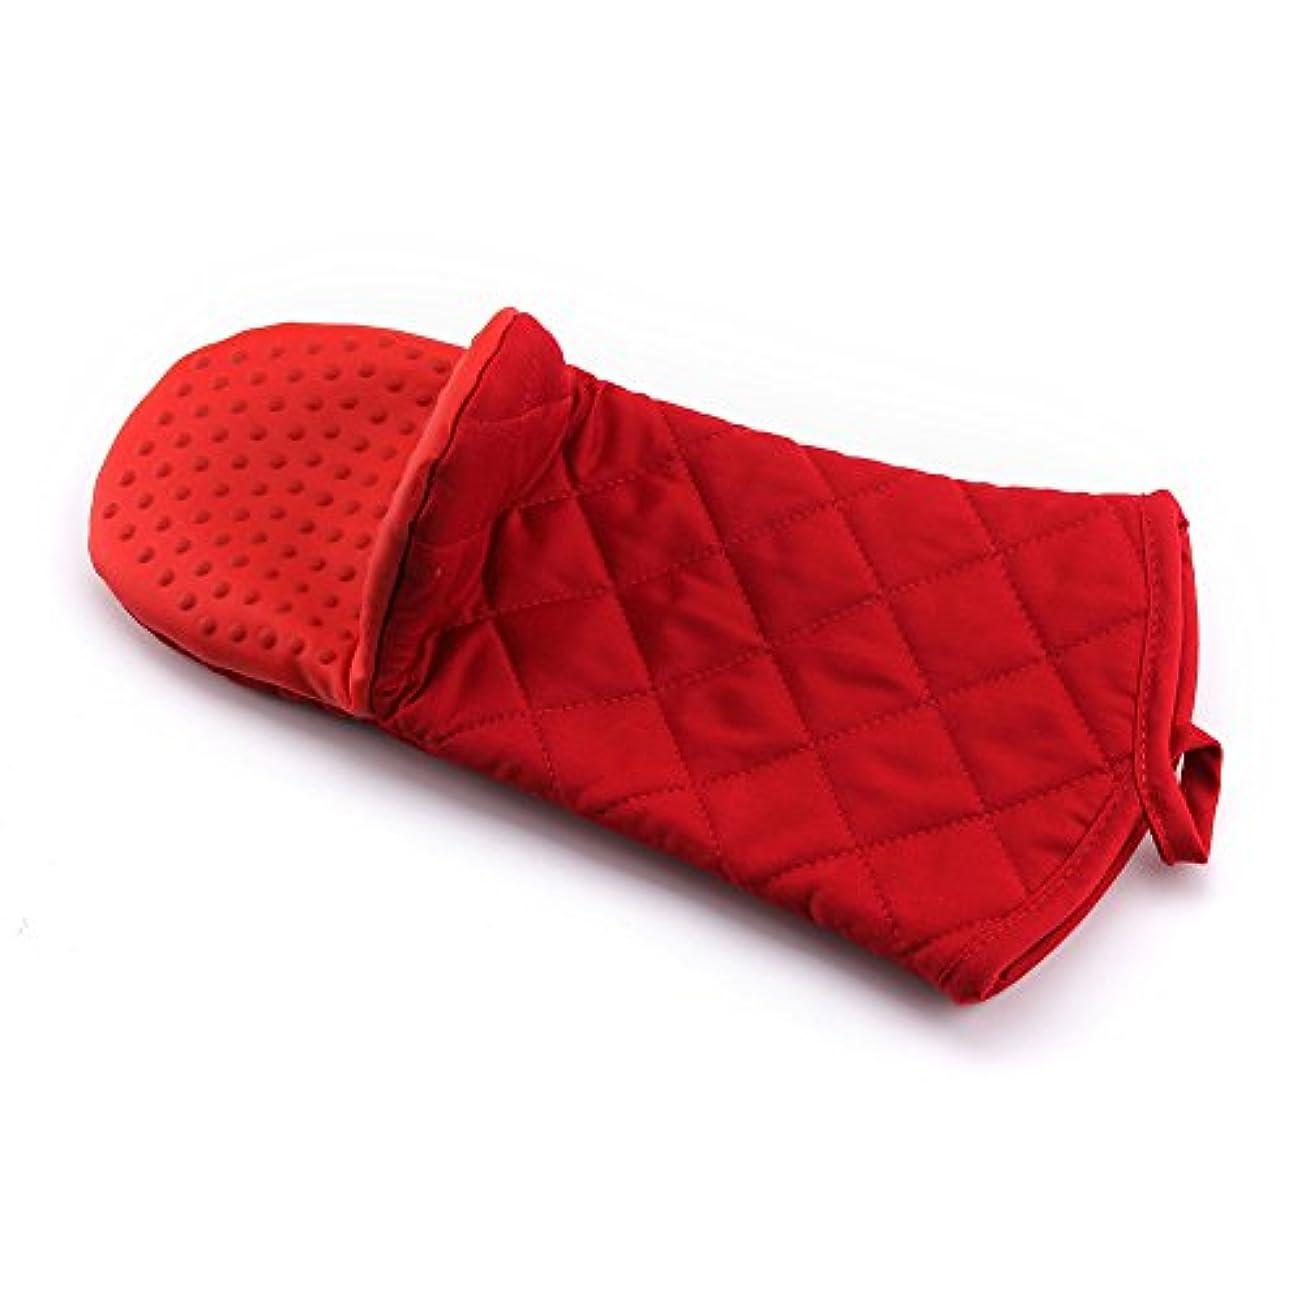 アンドリューハリディ平らな日付付きOUYOU 耐熱グローブ シリコンチェック 耐熱温度280℃ キッチングローブ オーブンミトン シリコン手袋 滑り止め クッキング用 フリーサイズ 2個セット